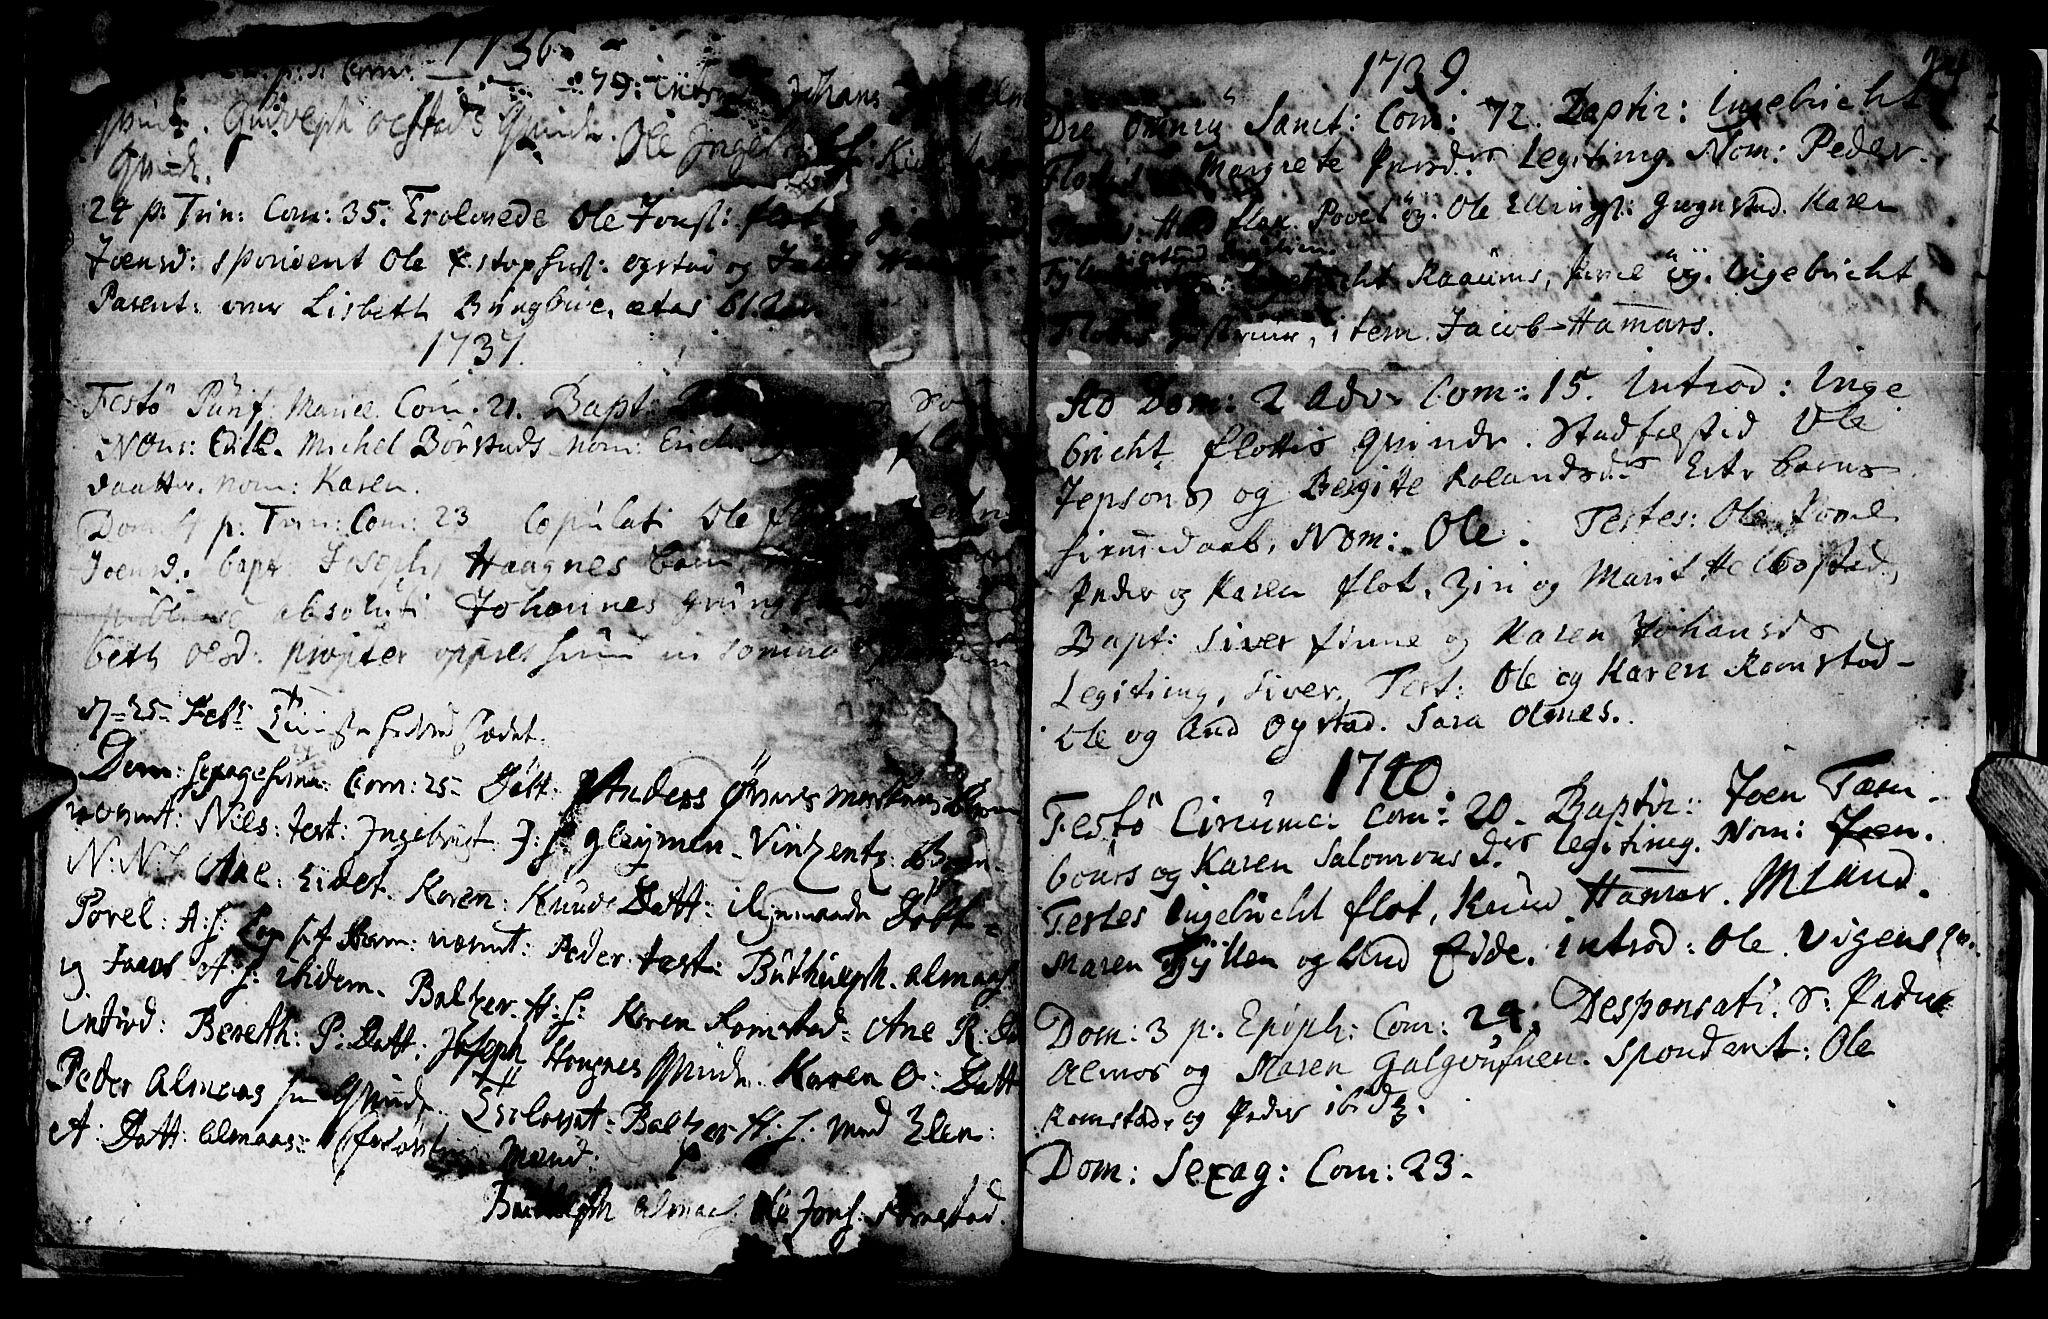 SAT, Ministerialprotokoller, klokkerbøker og fødselsregistre - Nord-Trøndelag, 765/L0560: Ministerialbok nr. 765A01, 1706-1748, s. 24